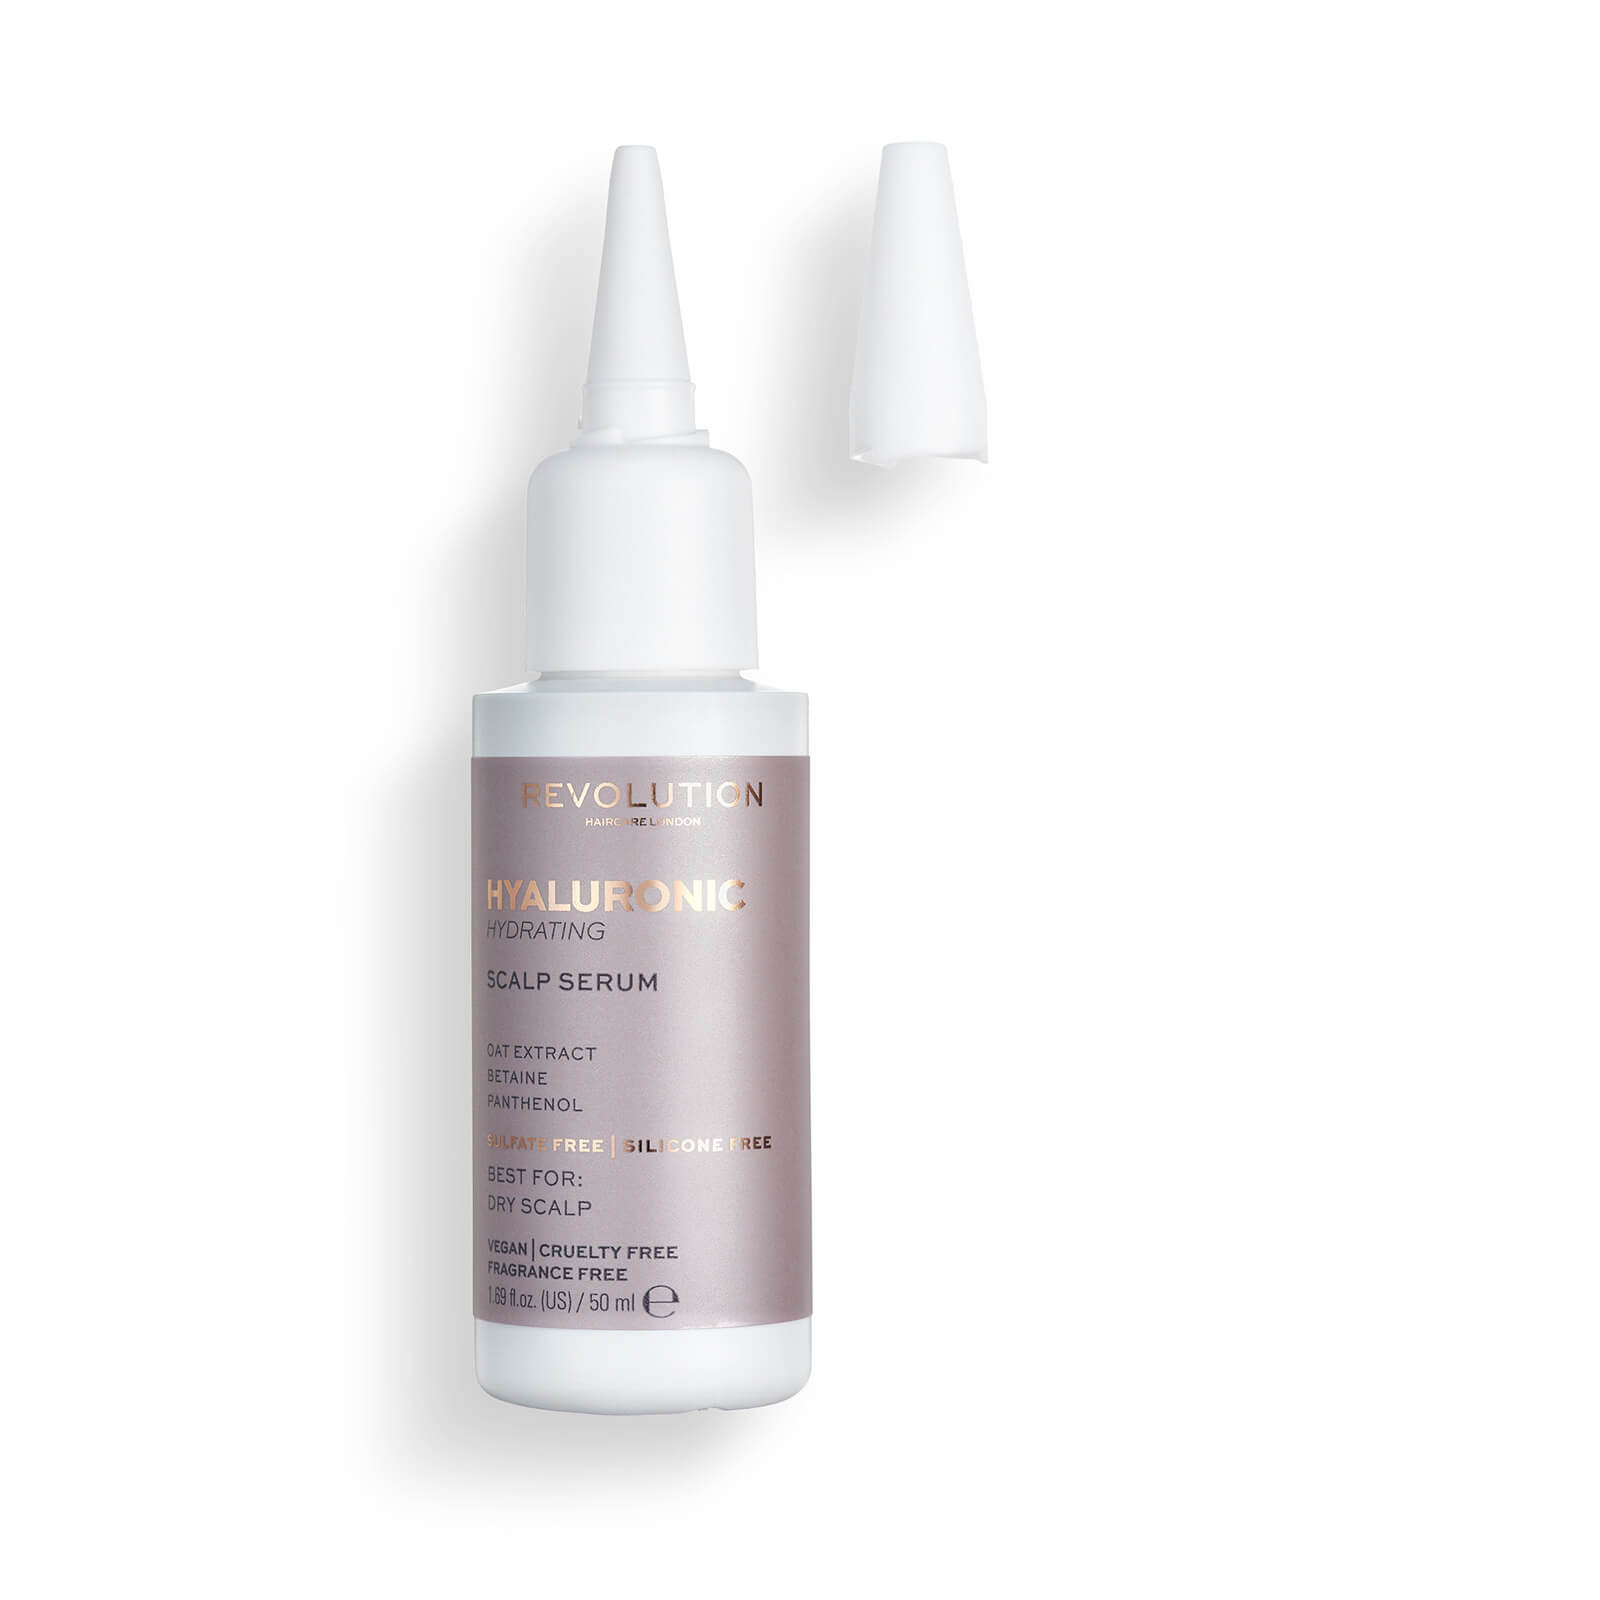 Revolution Beauty Haircare Hyaluronic Acid Hydrating Serum for Dry Dandruff 250ml